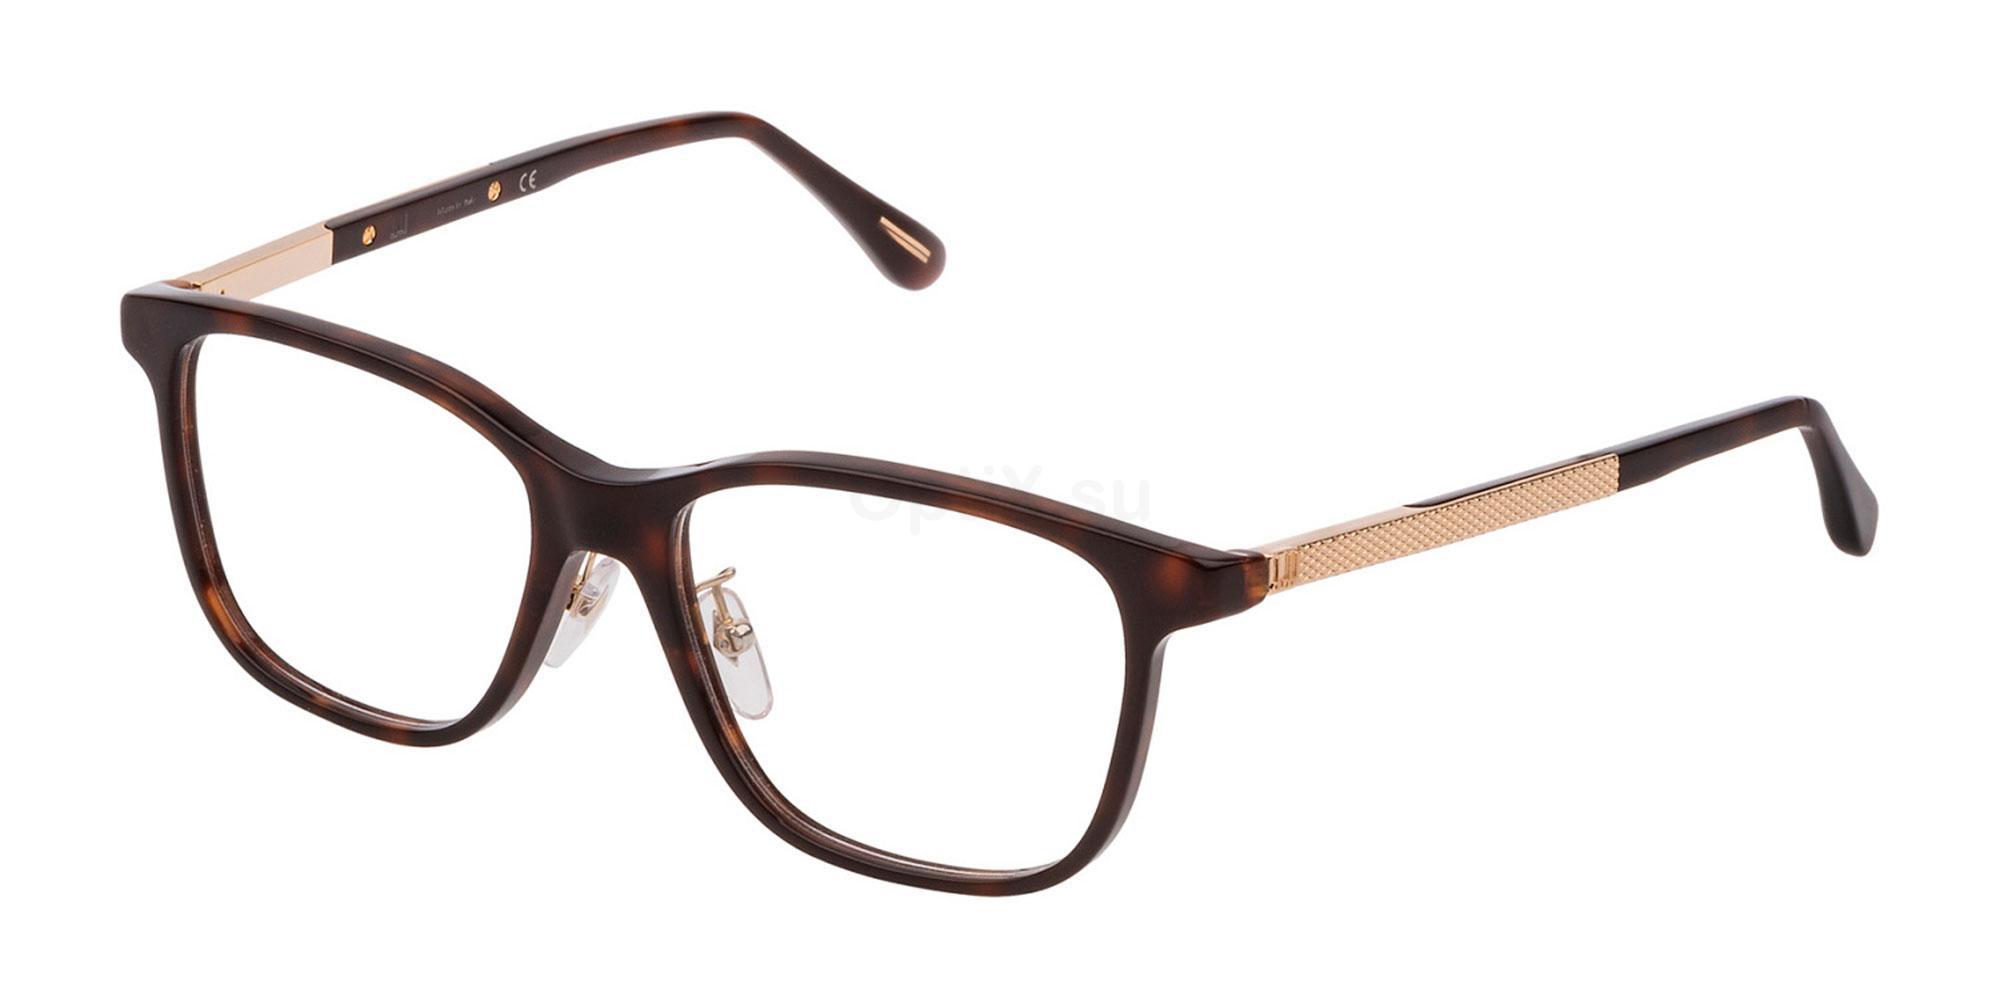 01AY VDH146G Glasses, Dunhill London